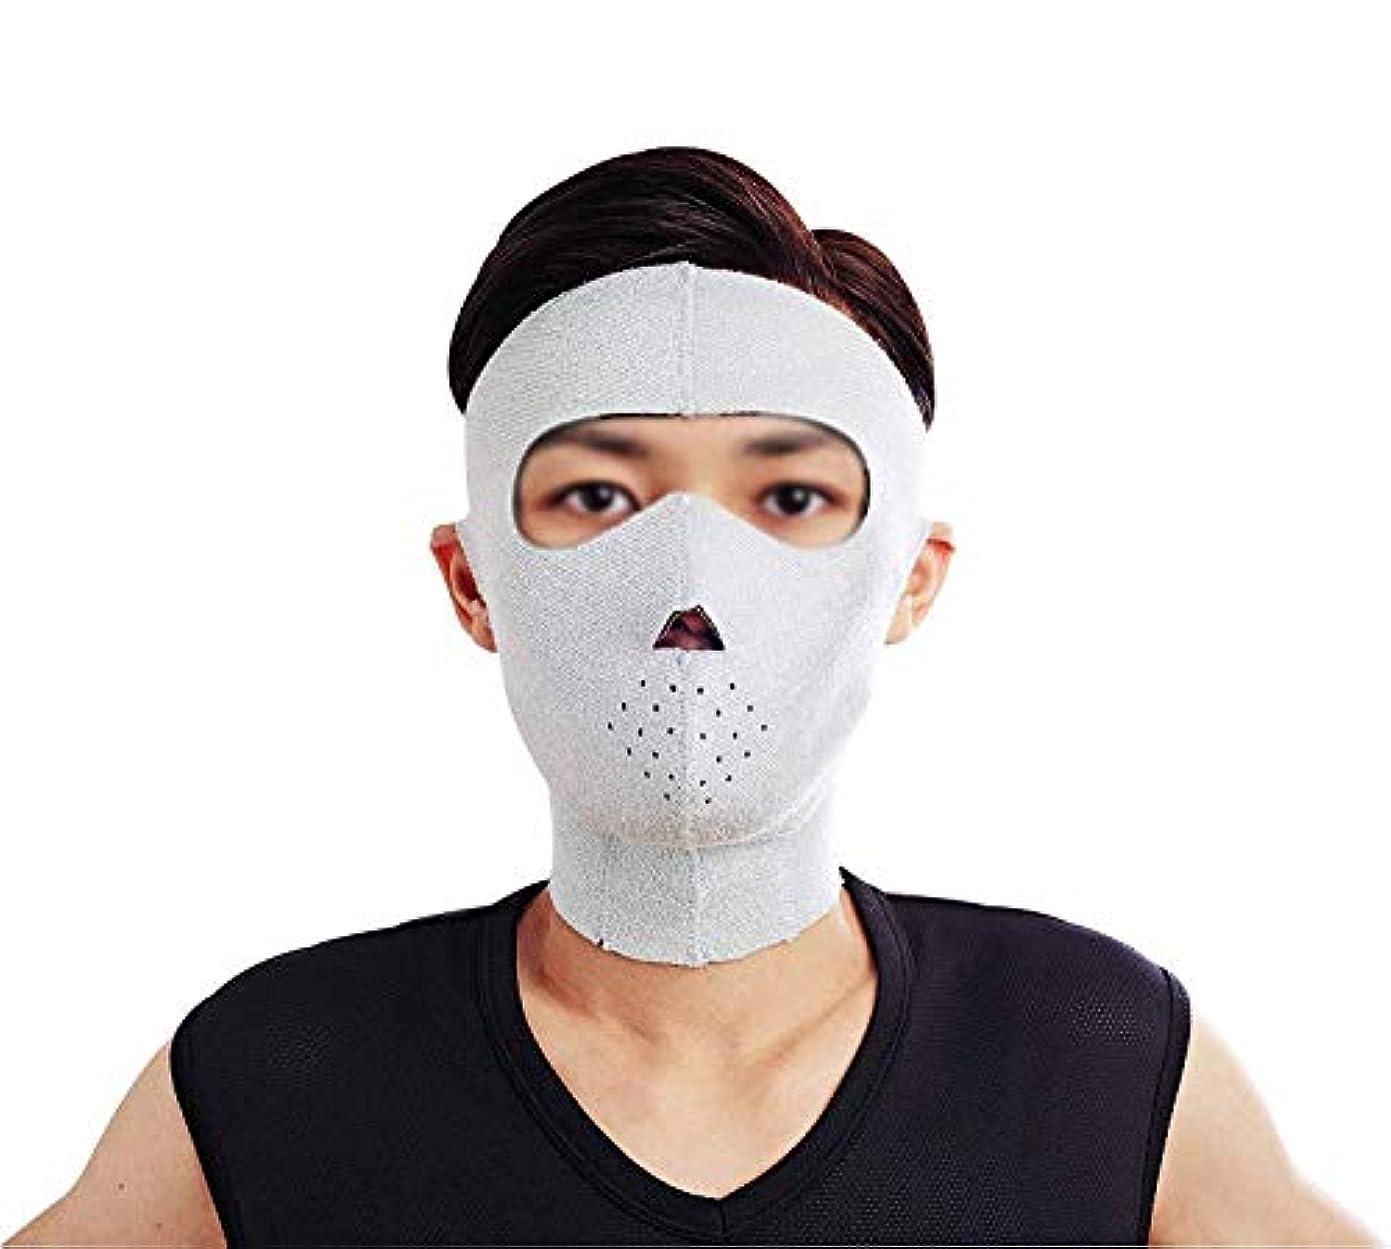 ヤング幻想的取り扱いフェイスリフトマスク、フェイシャルマスクプラス薄いフェイスマスクタイトなたるみの薄いフェイスマスクフェイシャル薄いフェイスマスクアーティファクトビューティー男性ネックストラップ付き